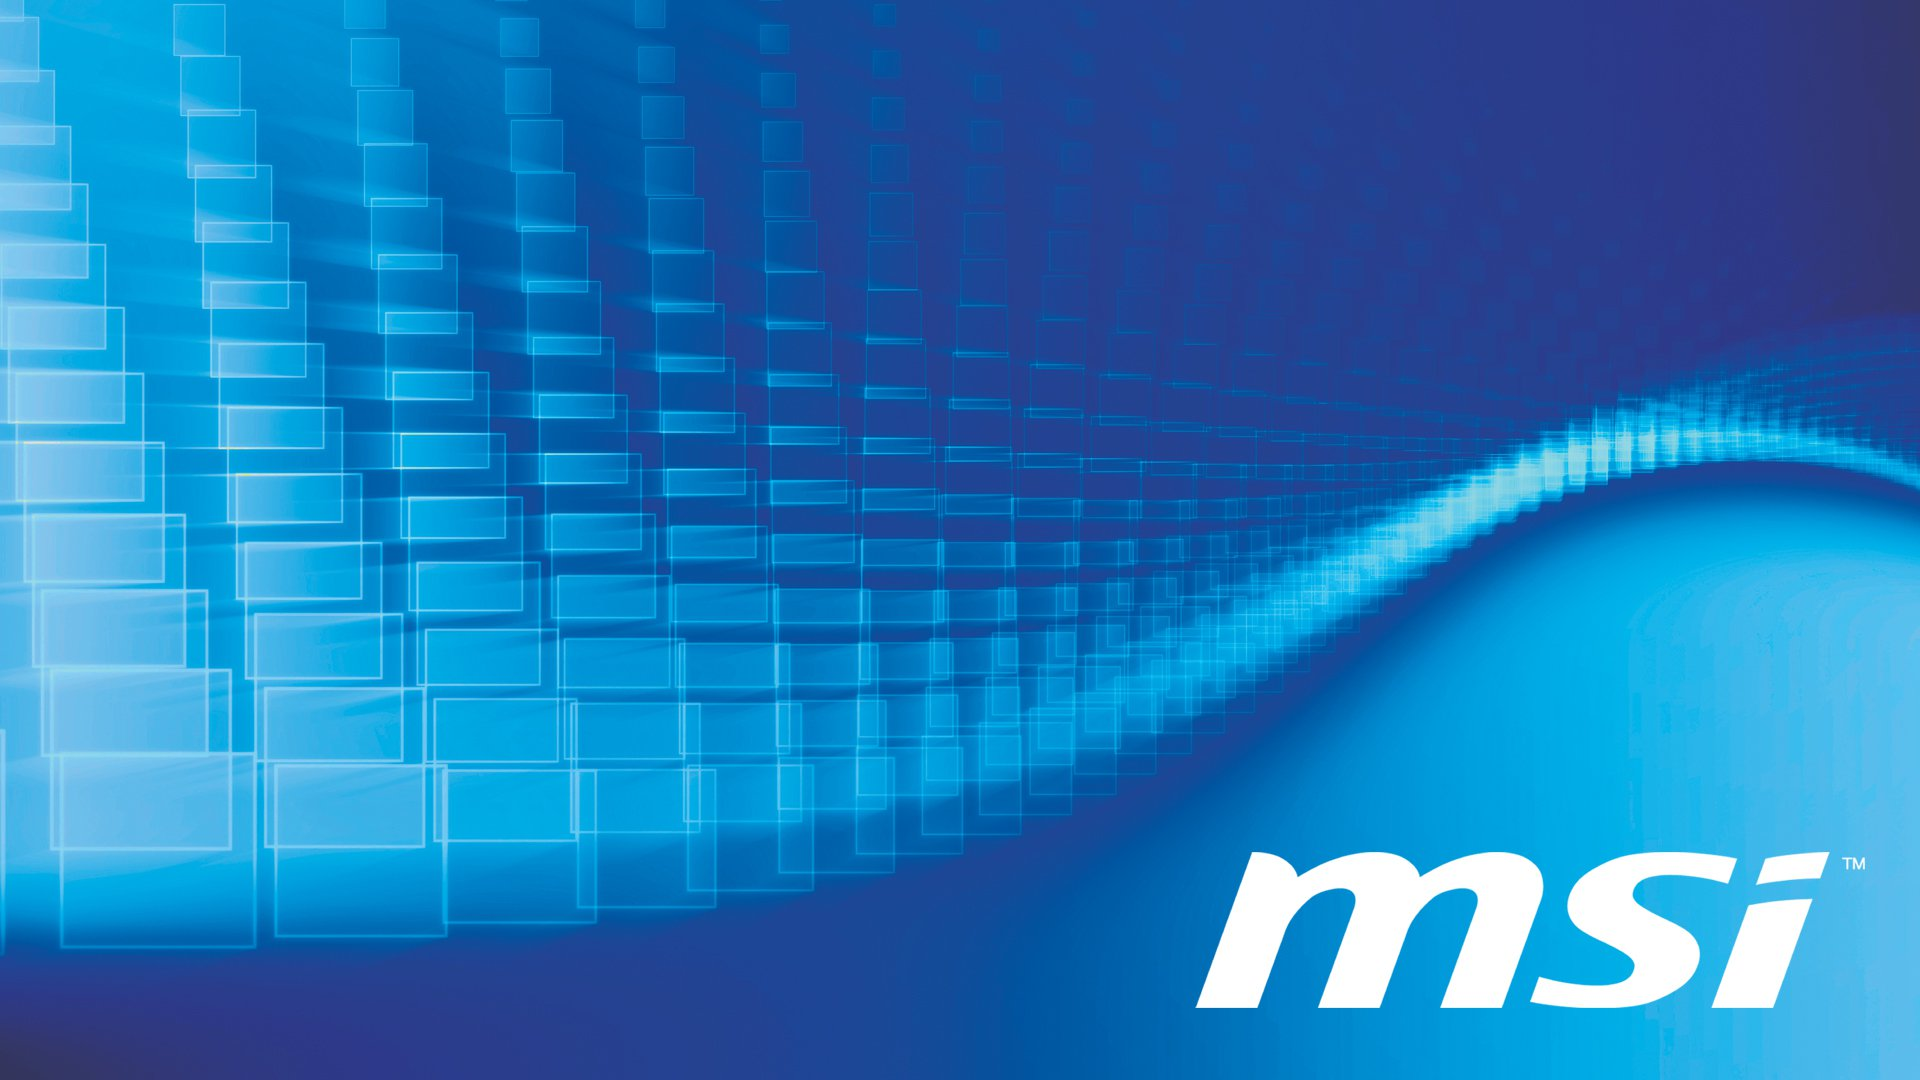 10 New Msi Gaming Series Wallpaper Full Hd 1920 1080 For: MSI Wallpaper HD 1920x1080